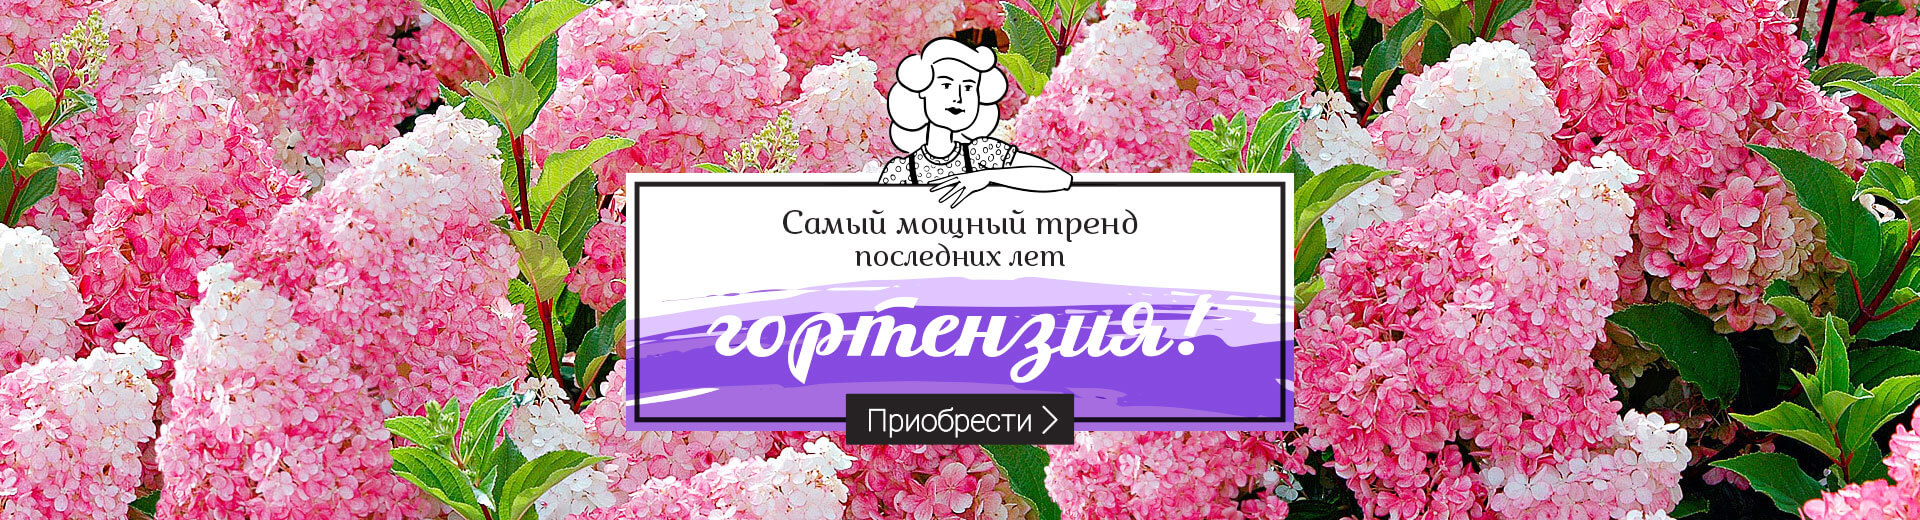 Осень в произведениях русской поэзии живописи музыки